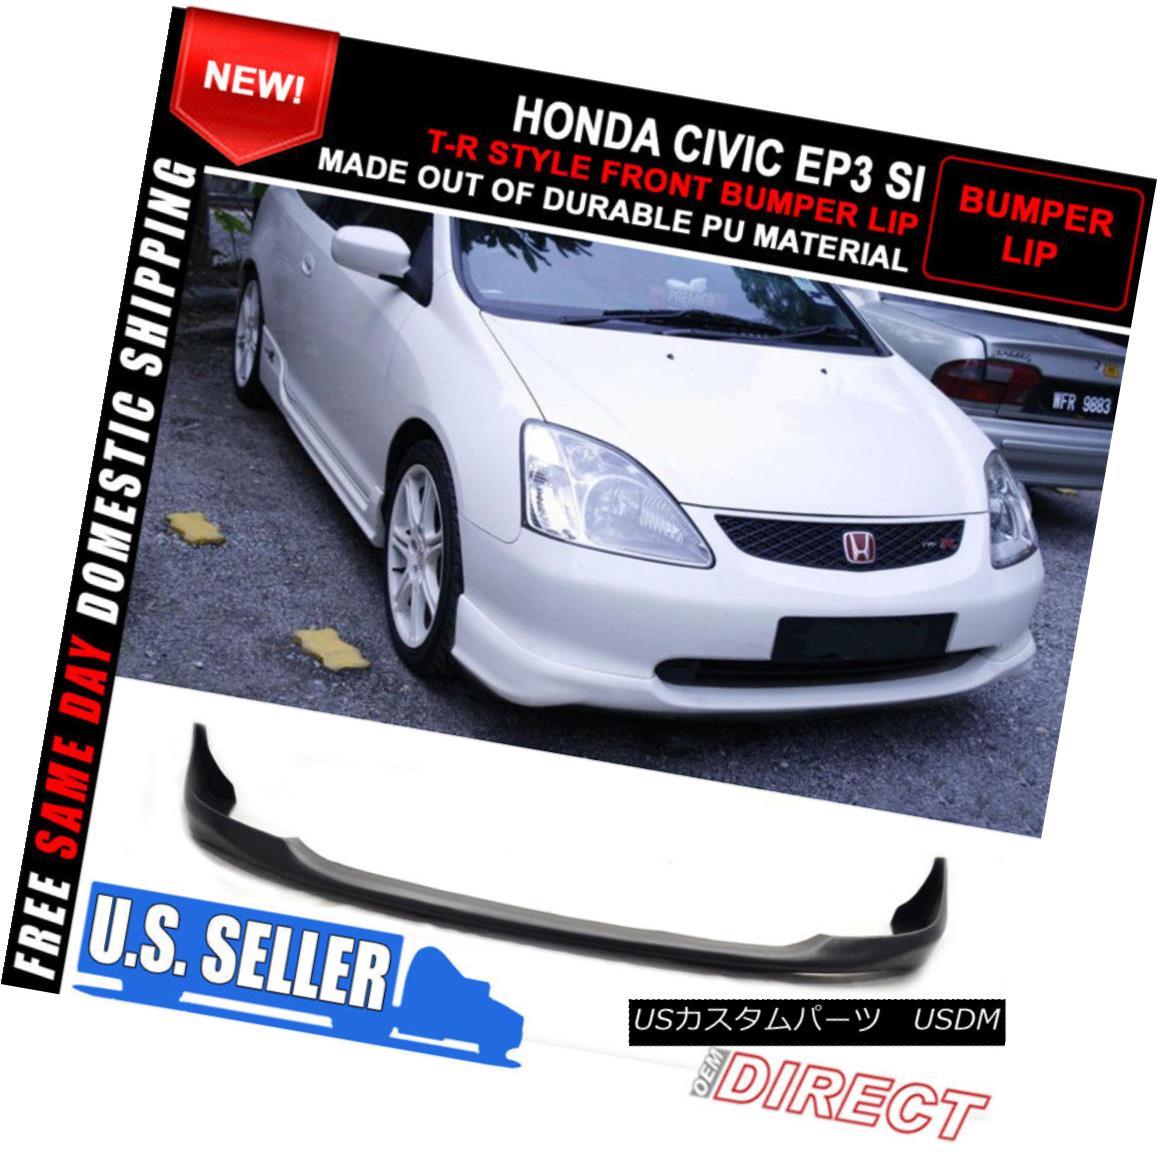 エアロパーツ For 02-05 Honda Civic 3 Door Hatchback Si T-R Style Front Bumper Lip Chin 02-05ホンダシビック3ドアハッチバックSi T-Rスタイルフロントバンパーリップイン